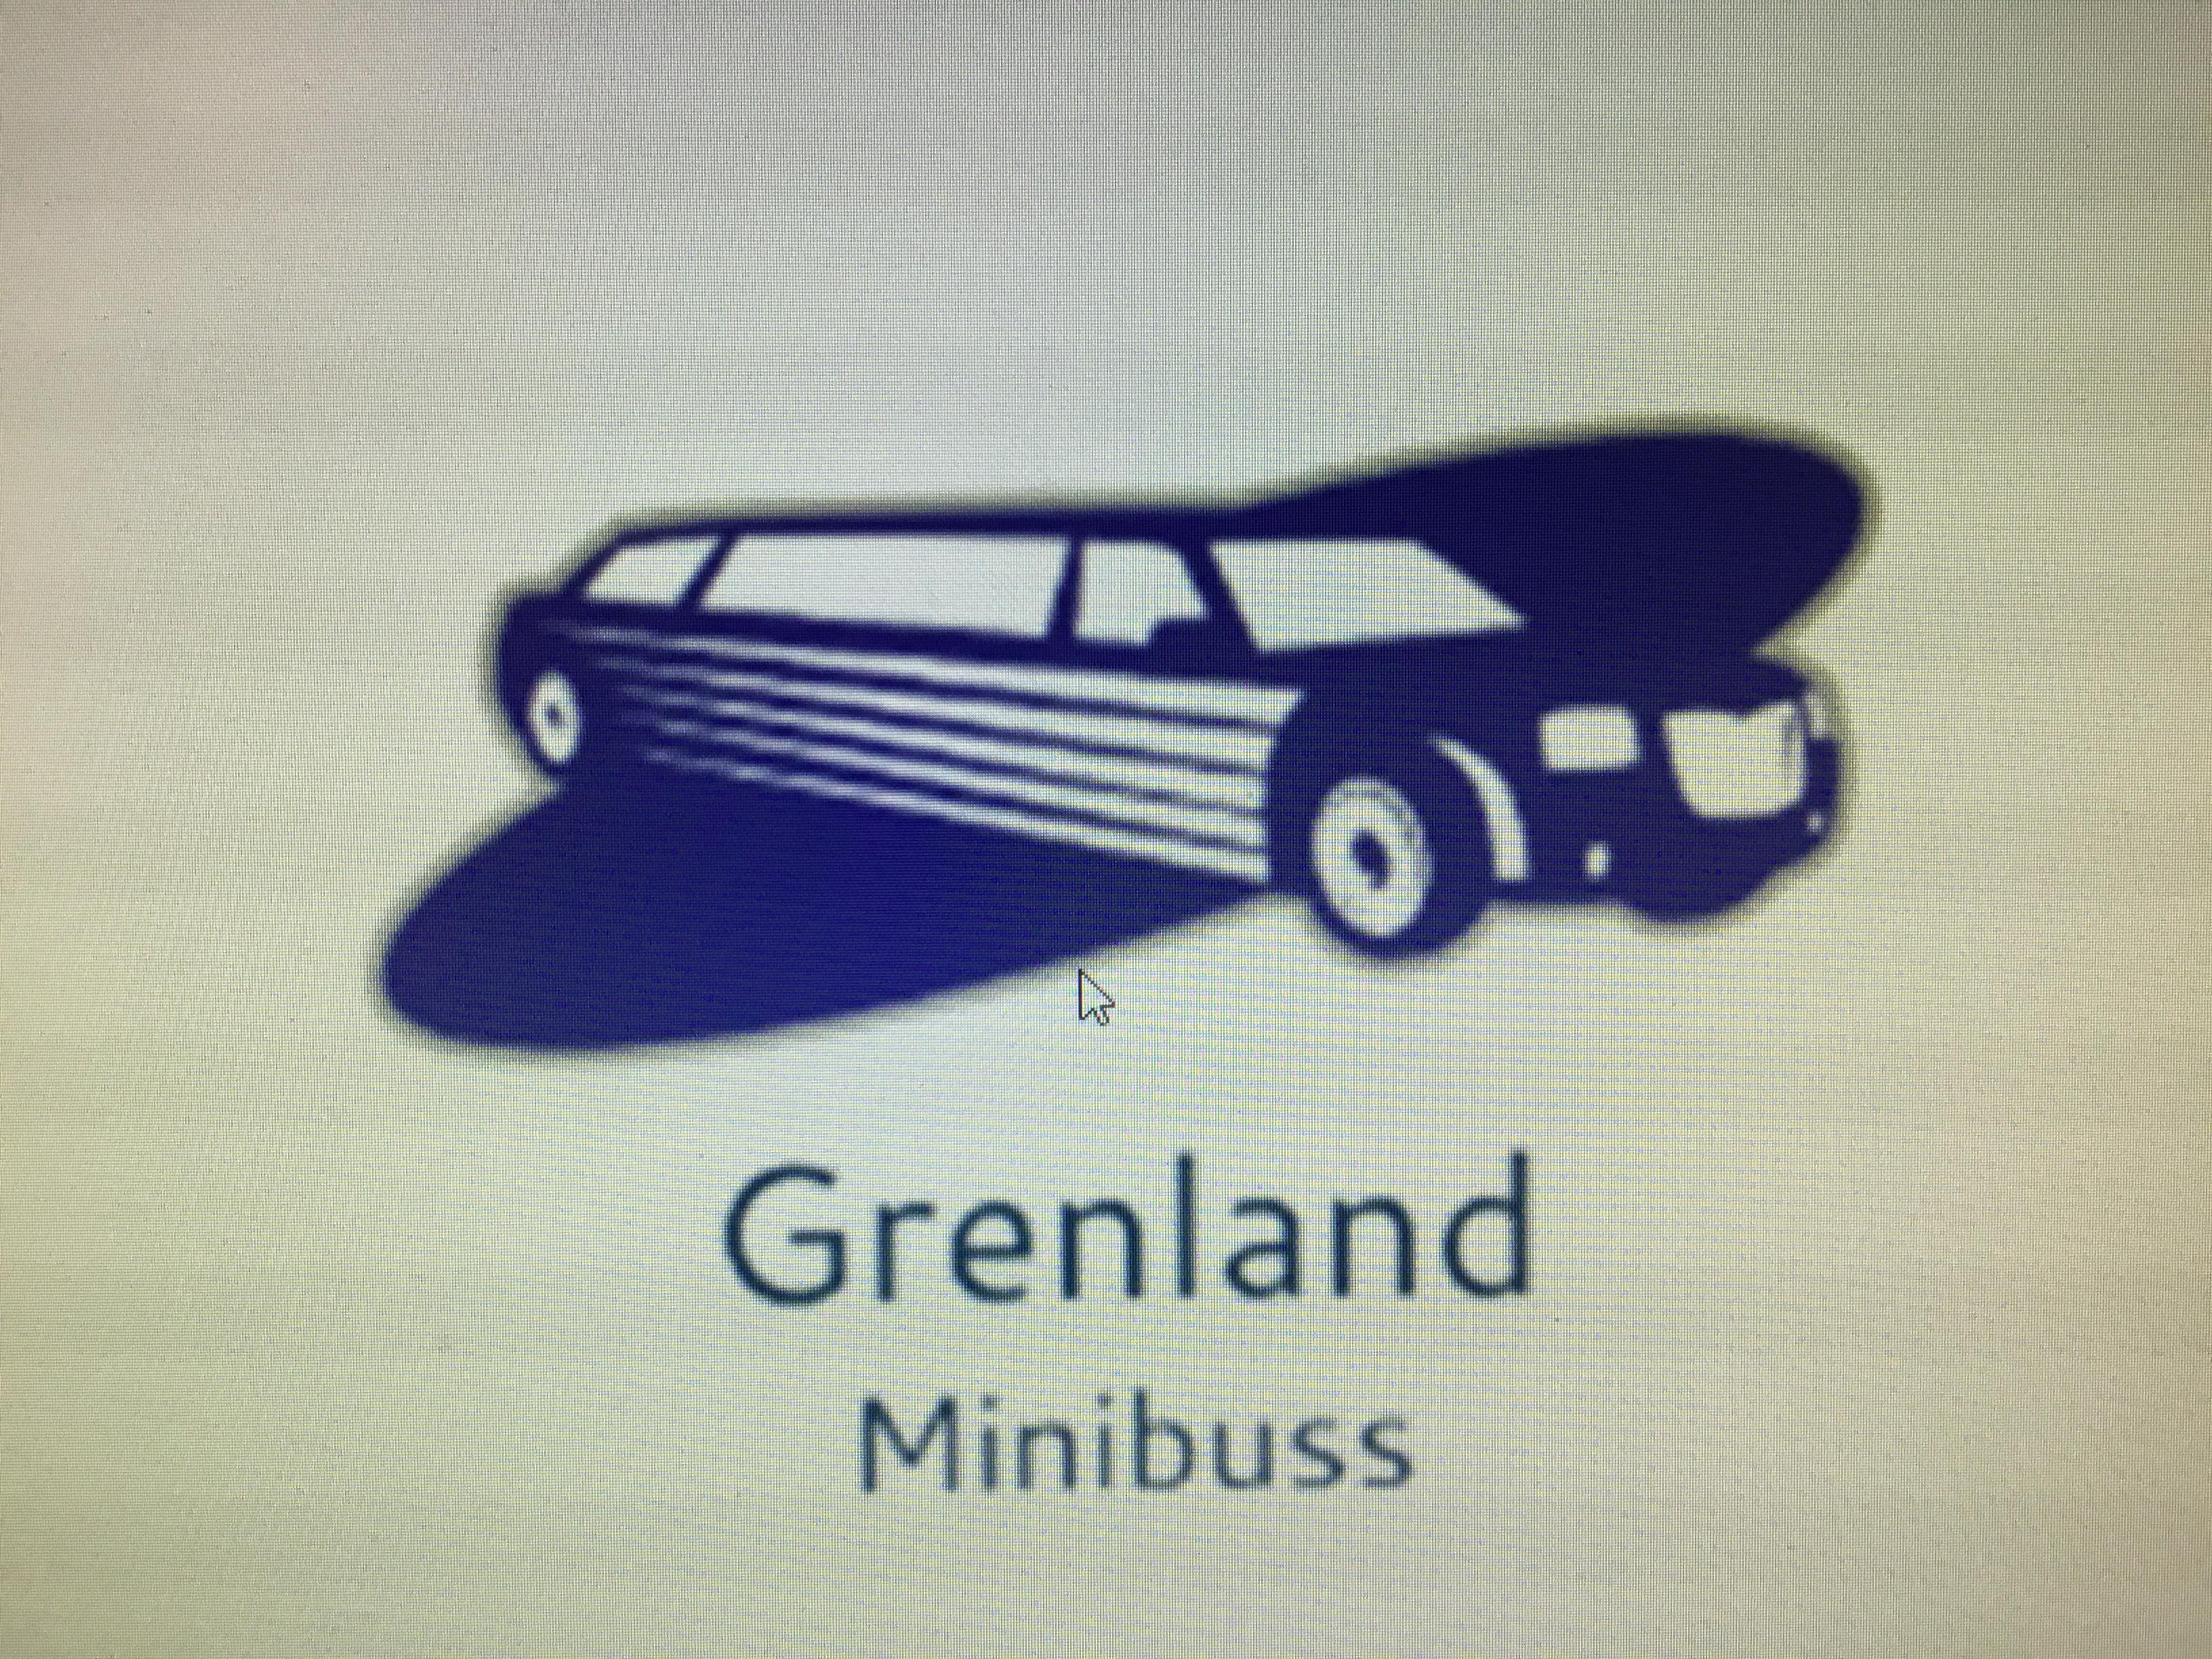 Grenland Minibuss